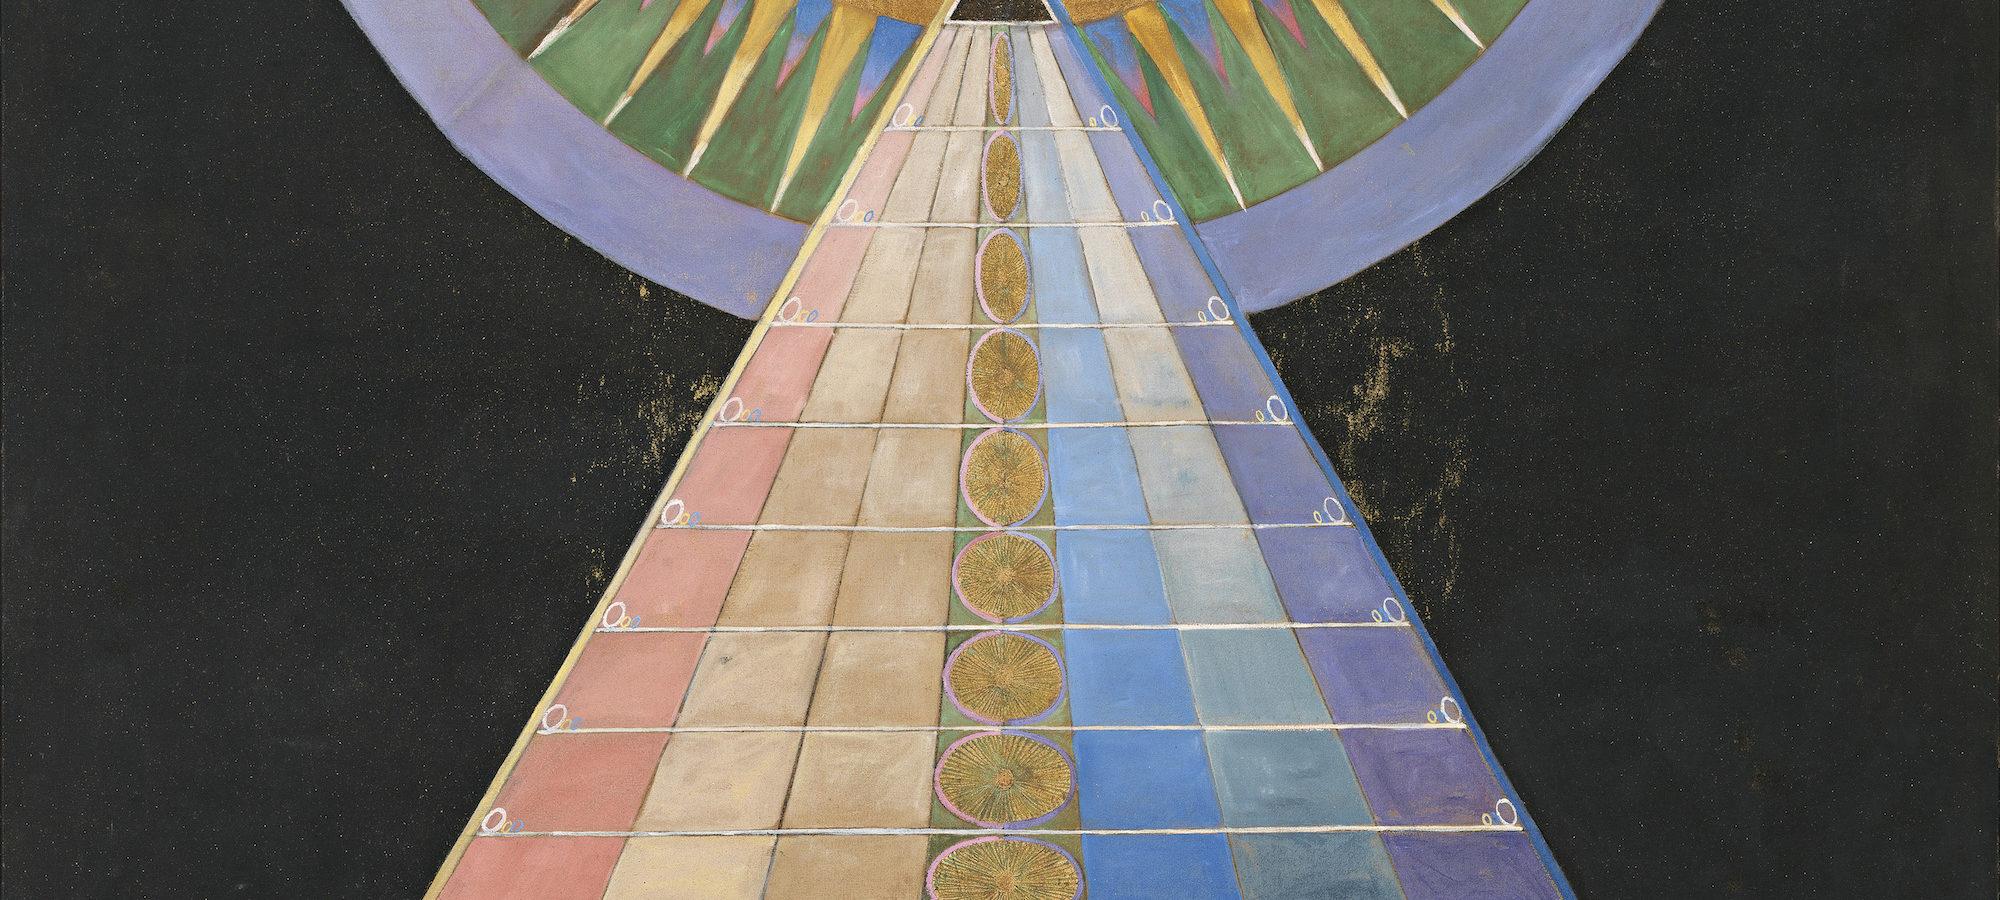 Hilma af Klint Group X, No. 1, Altarpiece (Grupp X, nr 1, Altarbild), 1915 from Altarpieces (Altarbilder). Courtesy The Hilma af Klint Foundation, Stockholm